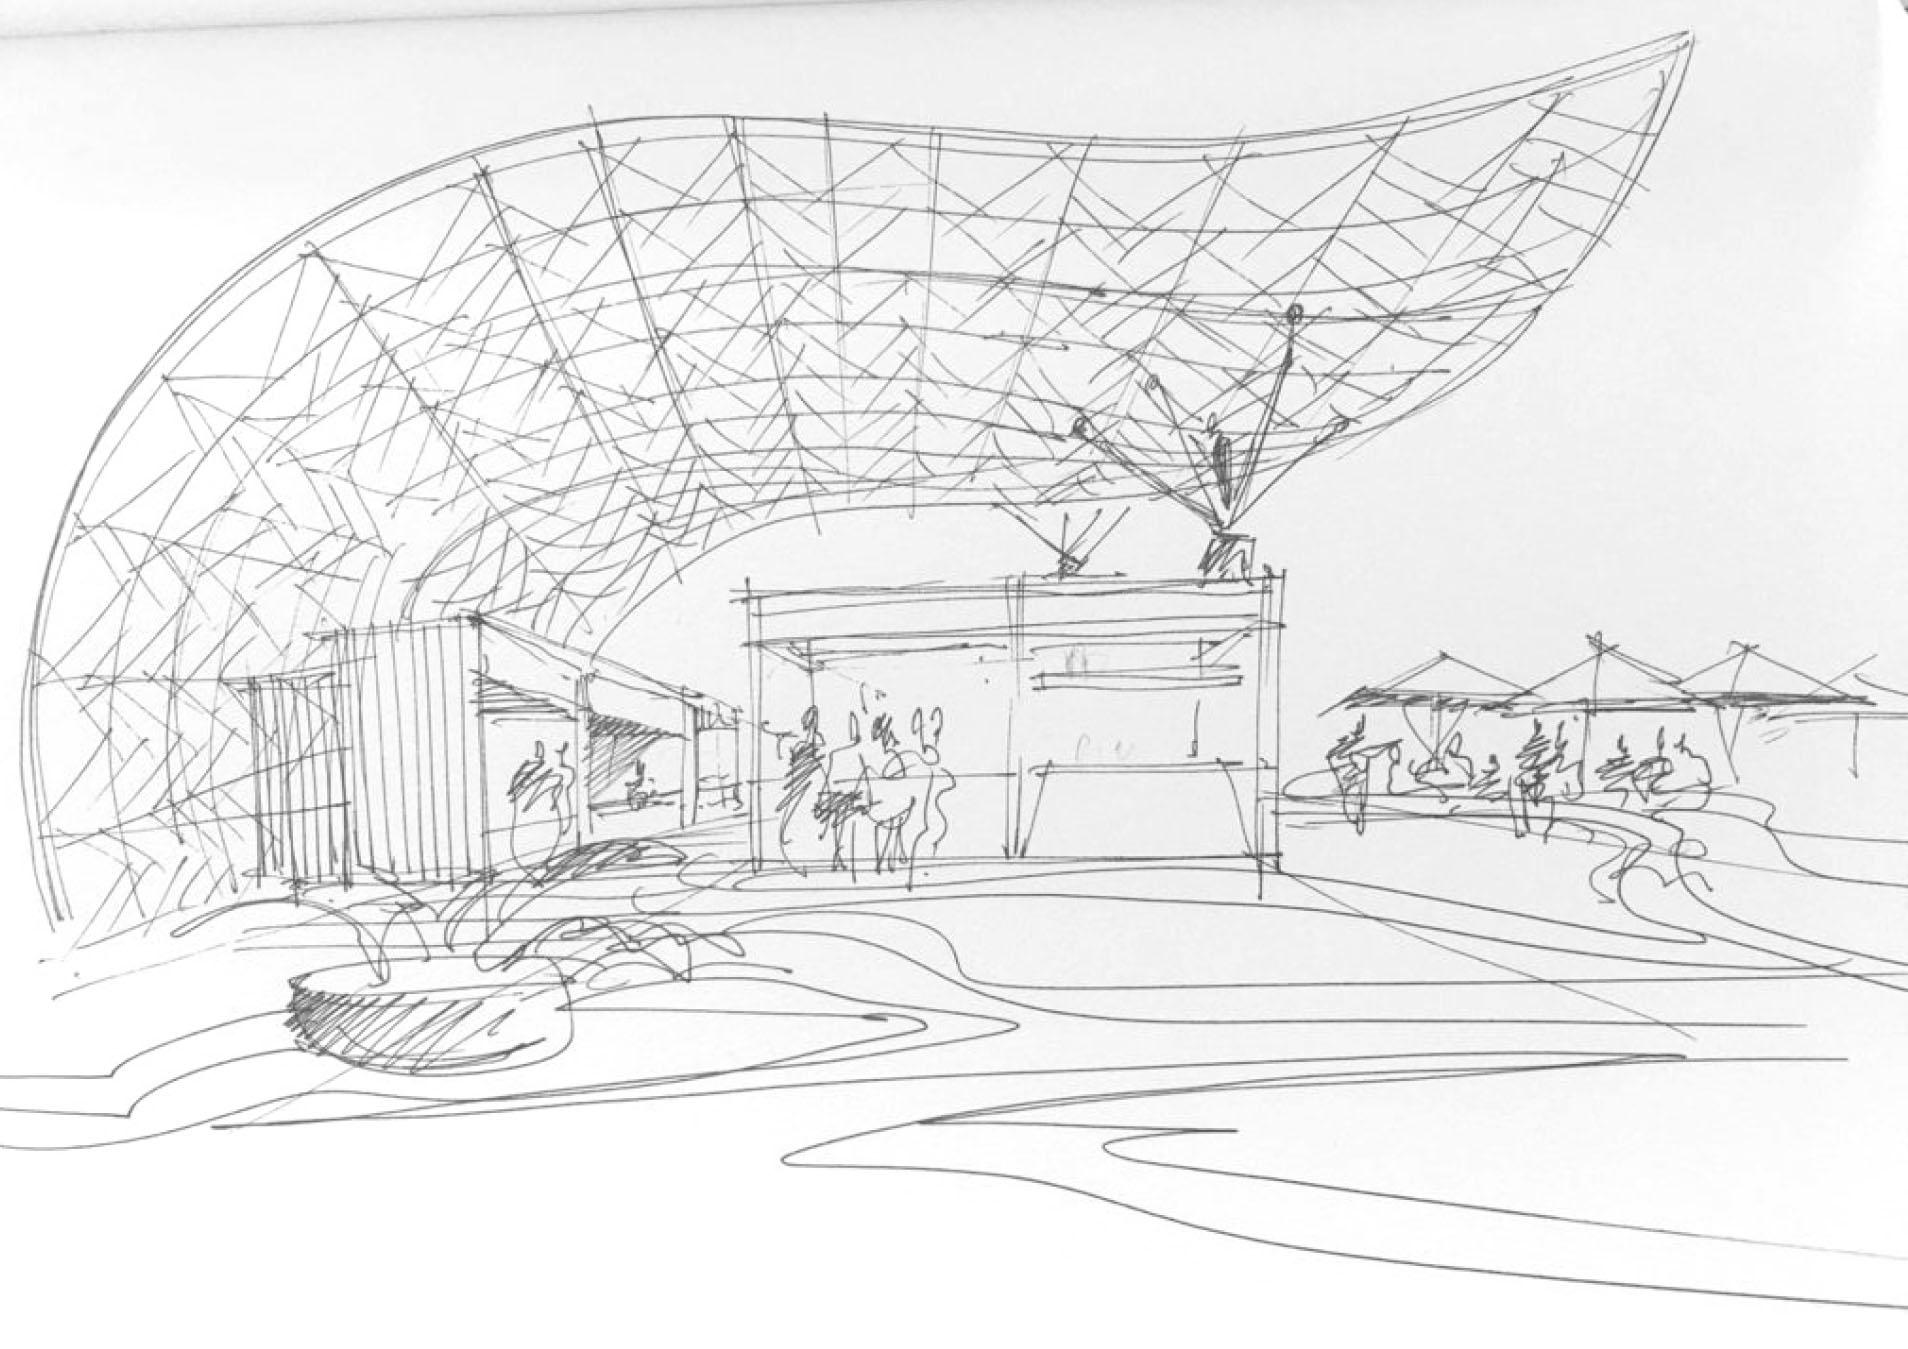 Bosquejo de lo que será el Mercado Fénix, inspirado en el tradicional Mercado San Miguel de Madrid